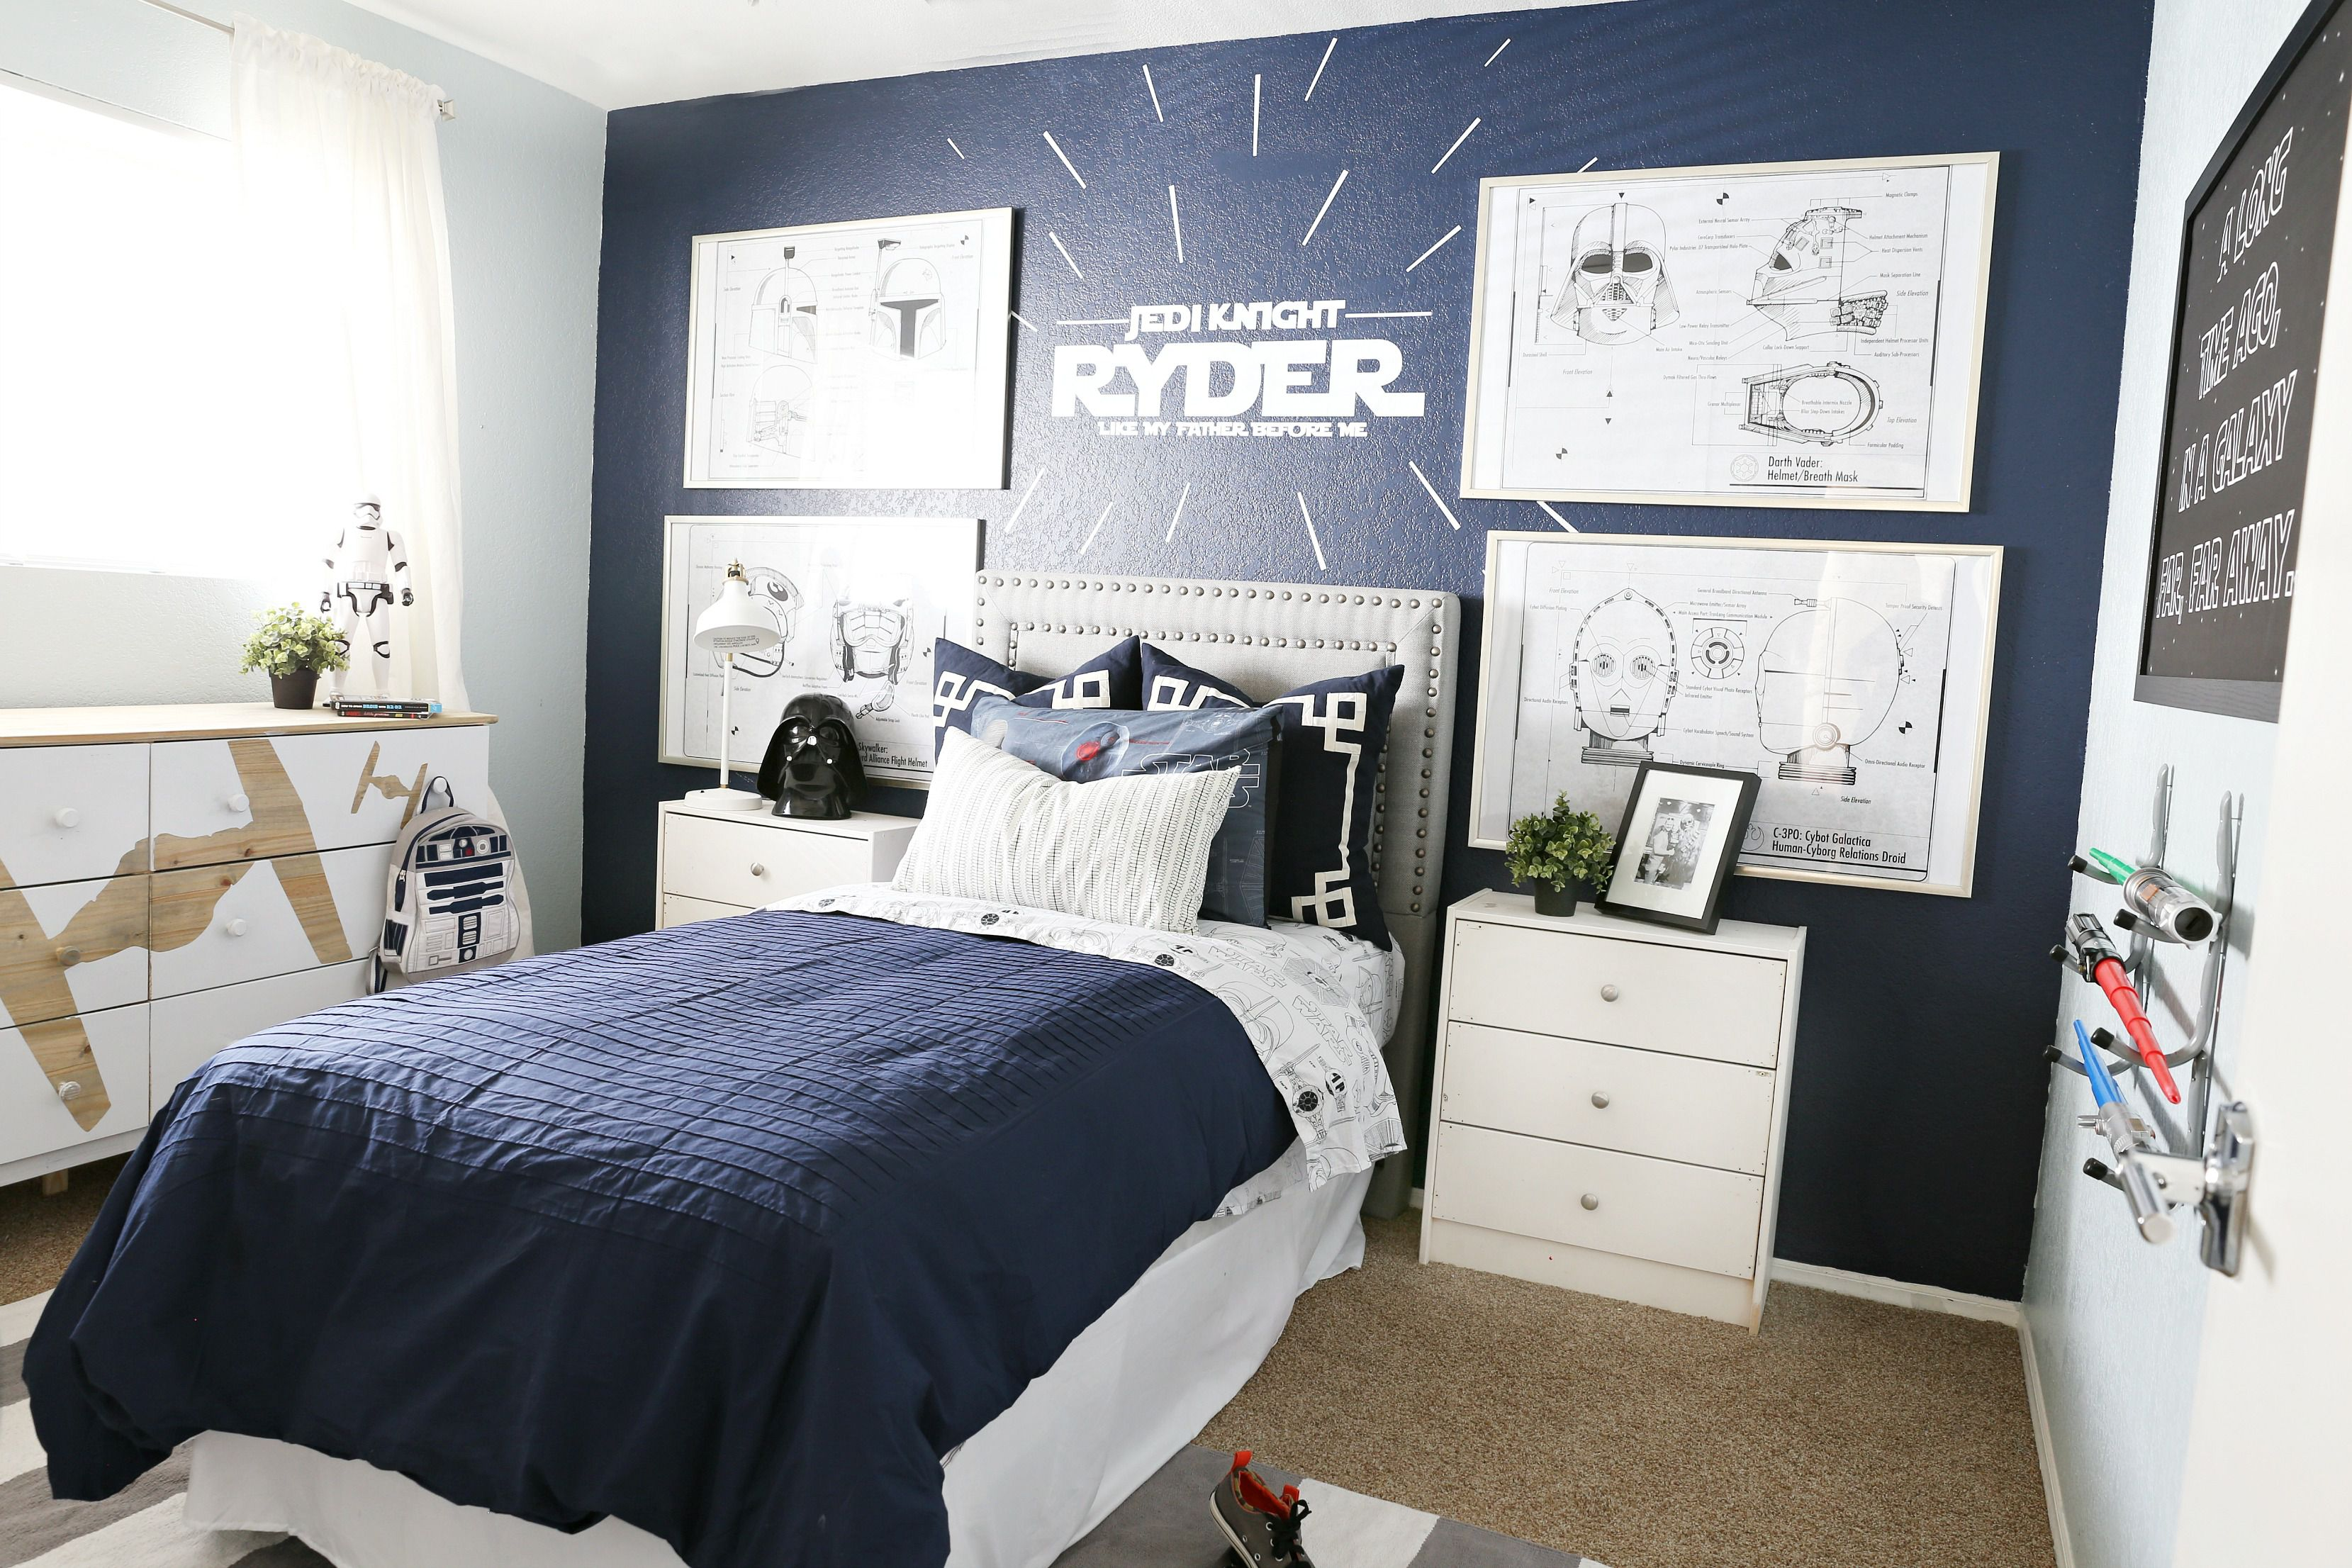 21 Creative Bedroom Ideas for Boys